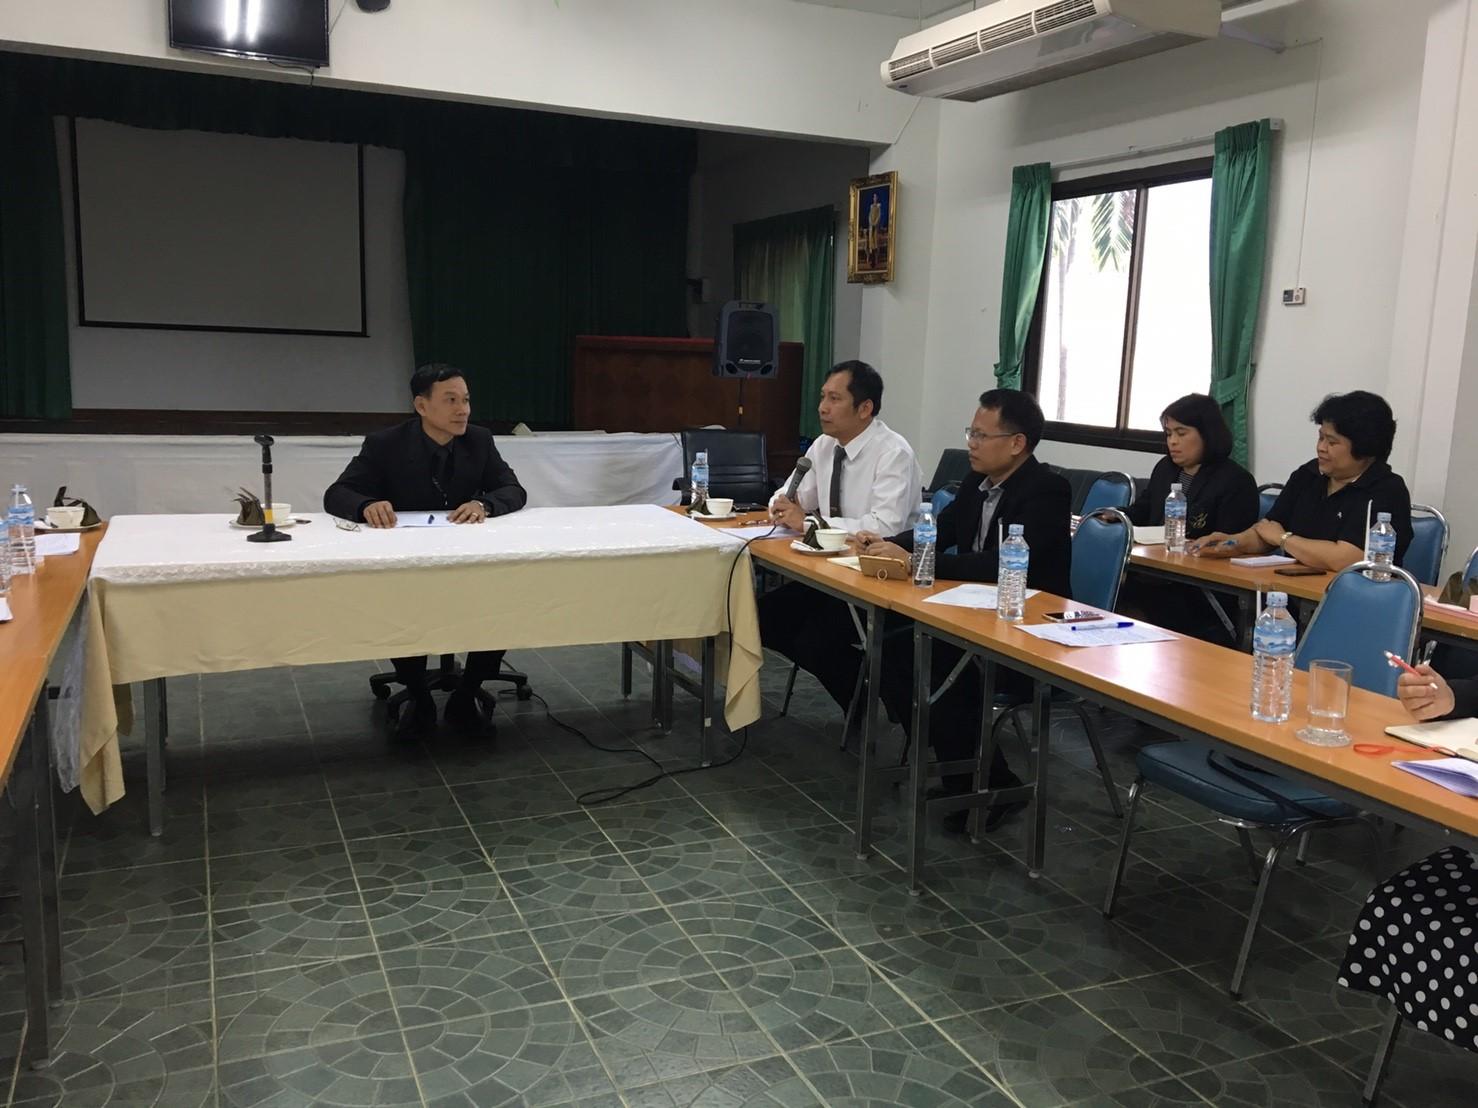 ศูนย์การศึกษานอกที่ตั้ง นครนายก จัดประชุมเตรียมความพร้อม รองรับการตรวจประเมินจากครุสภา